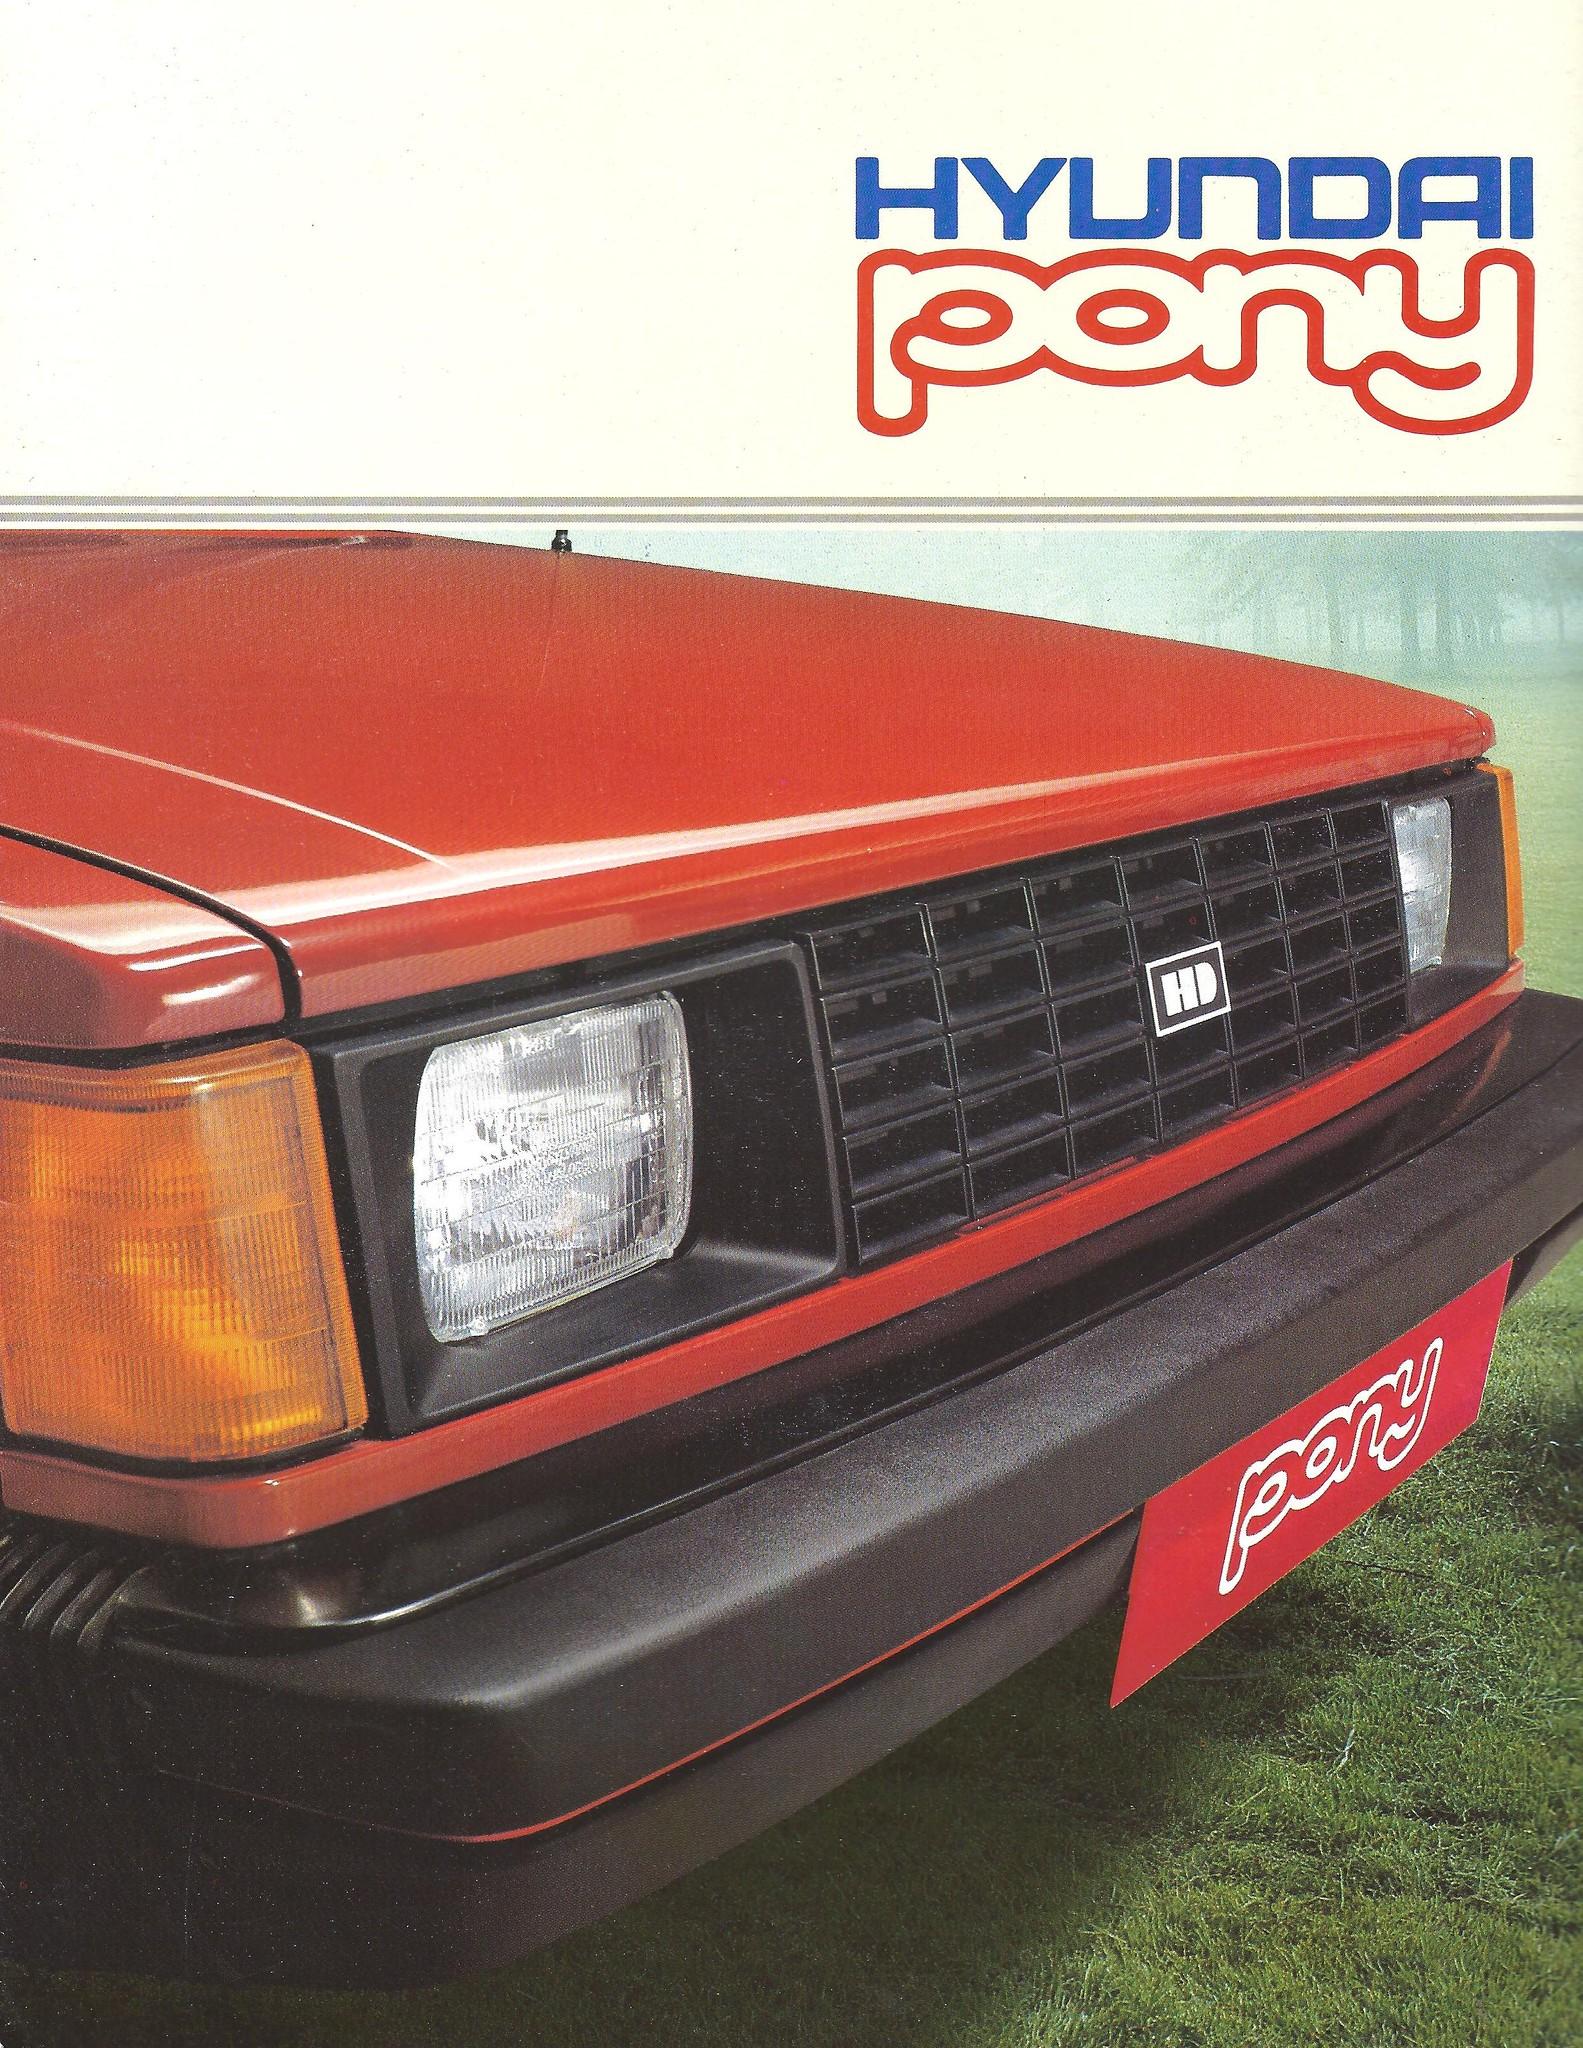 1985 Canadian Hyundai brochure